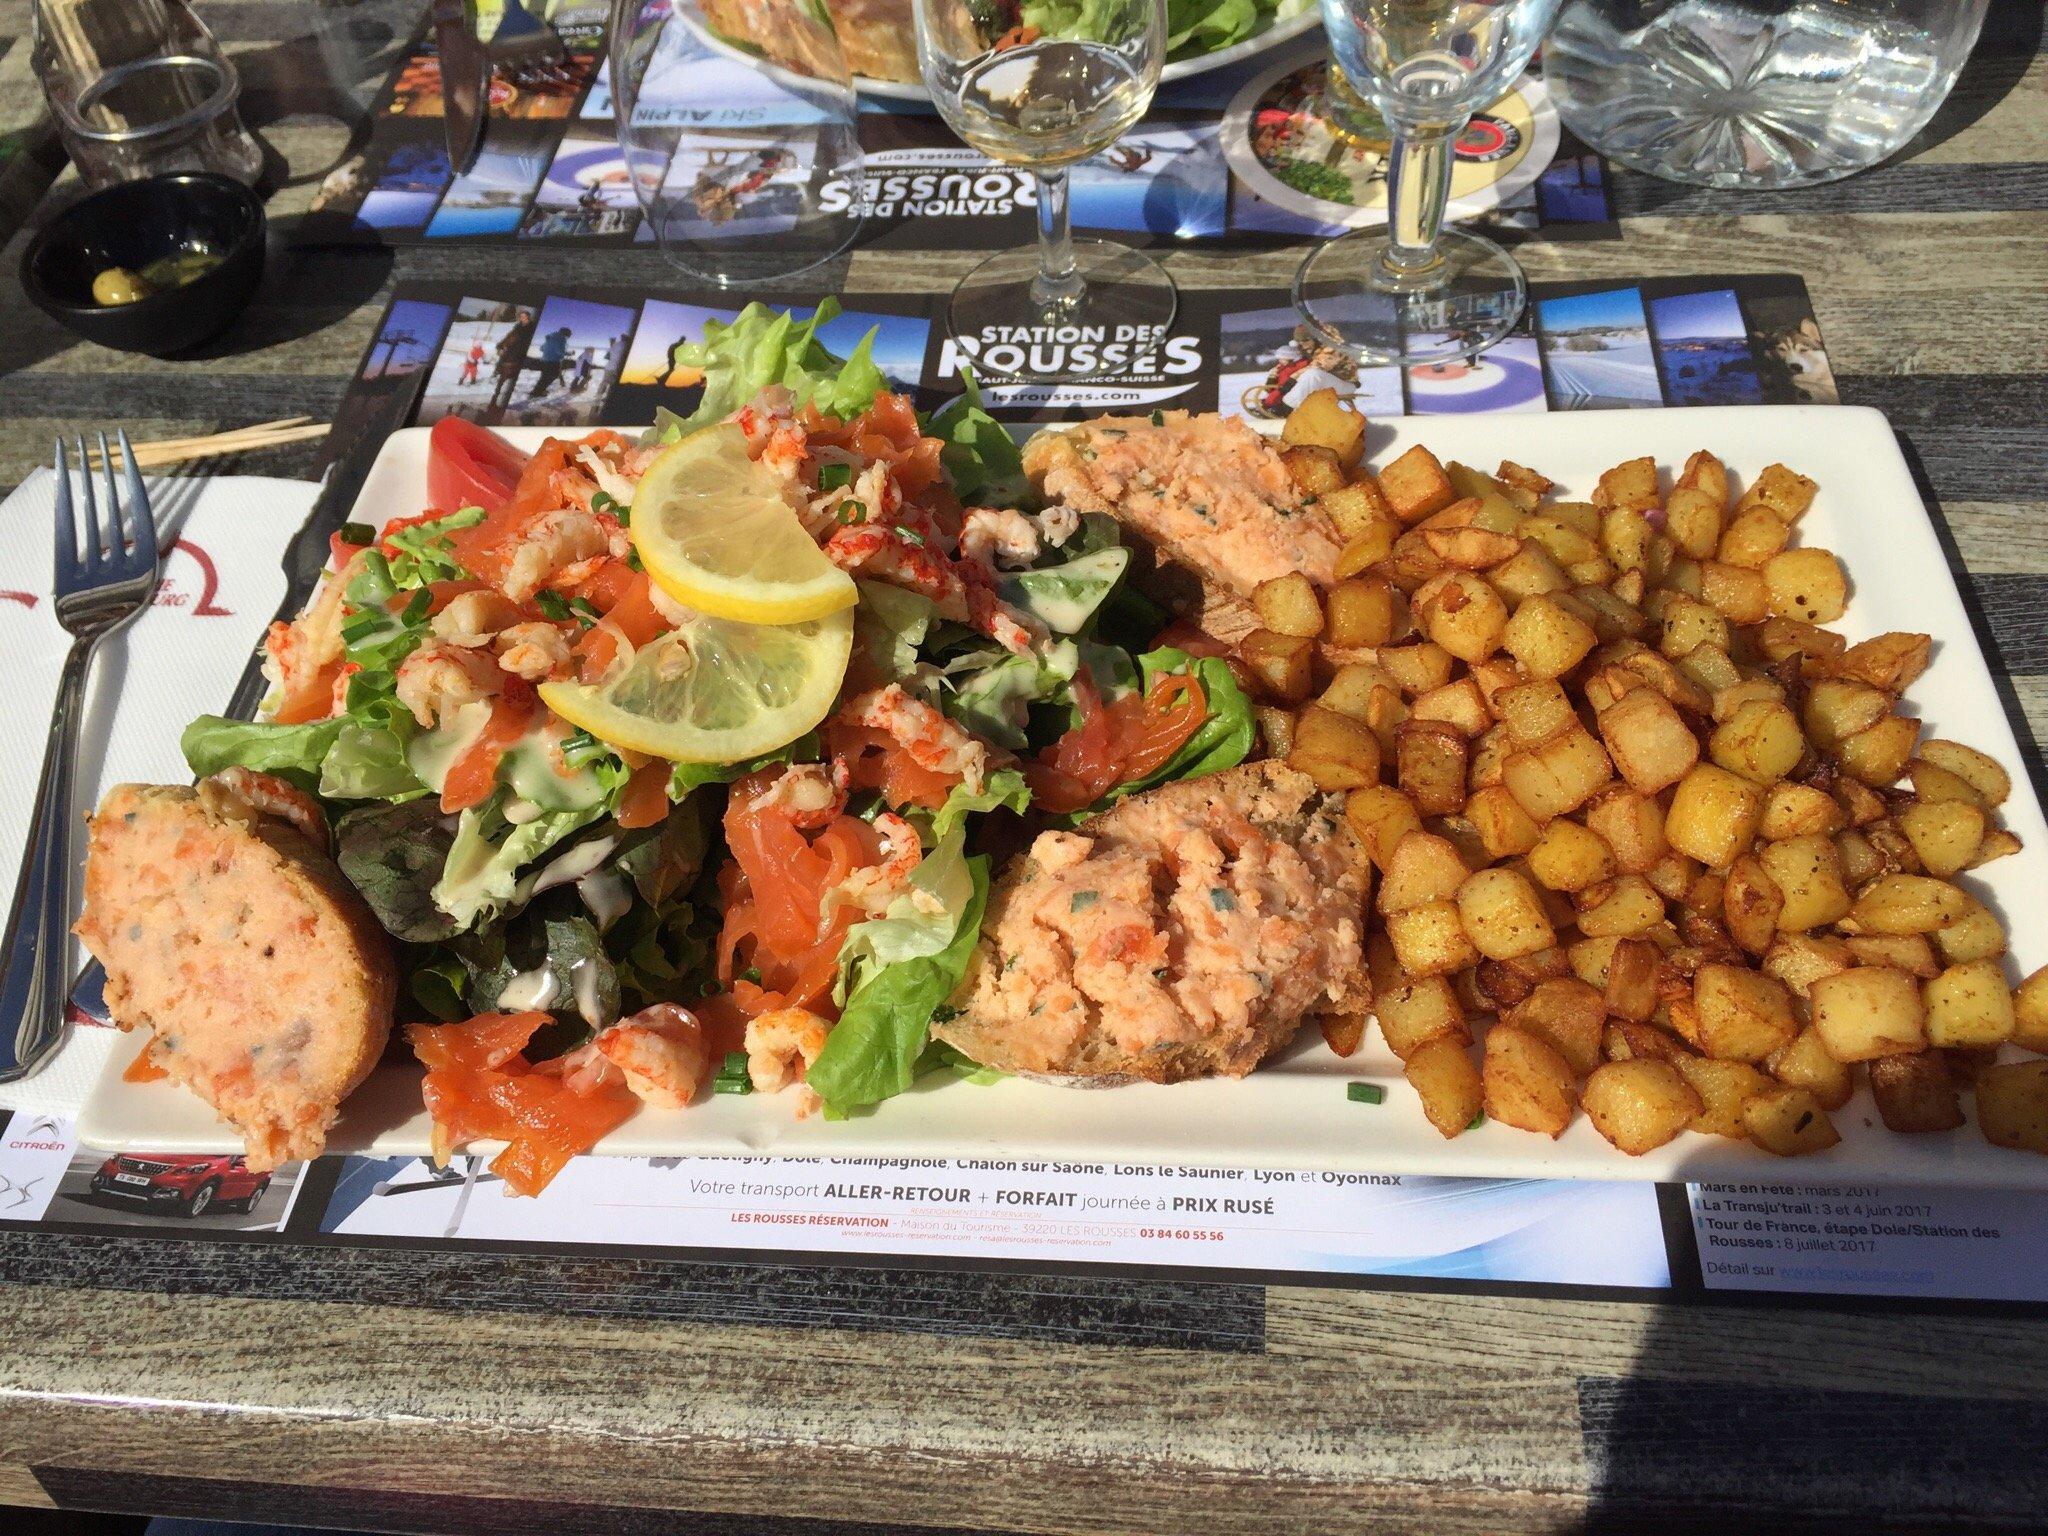 Restaurant brasserie le strasbourg dans lons le saunier - Cuisine lons le saunier ...